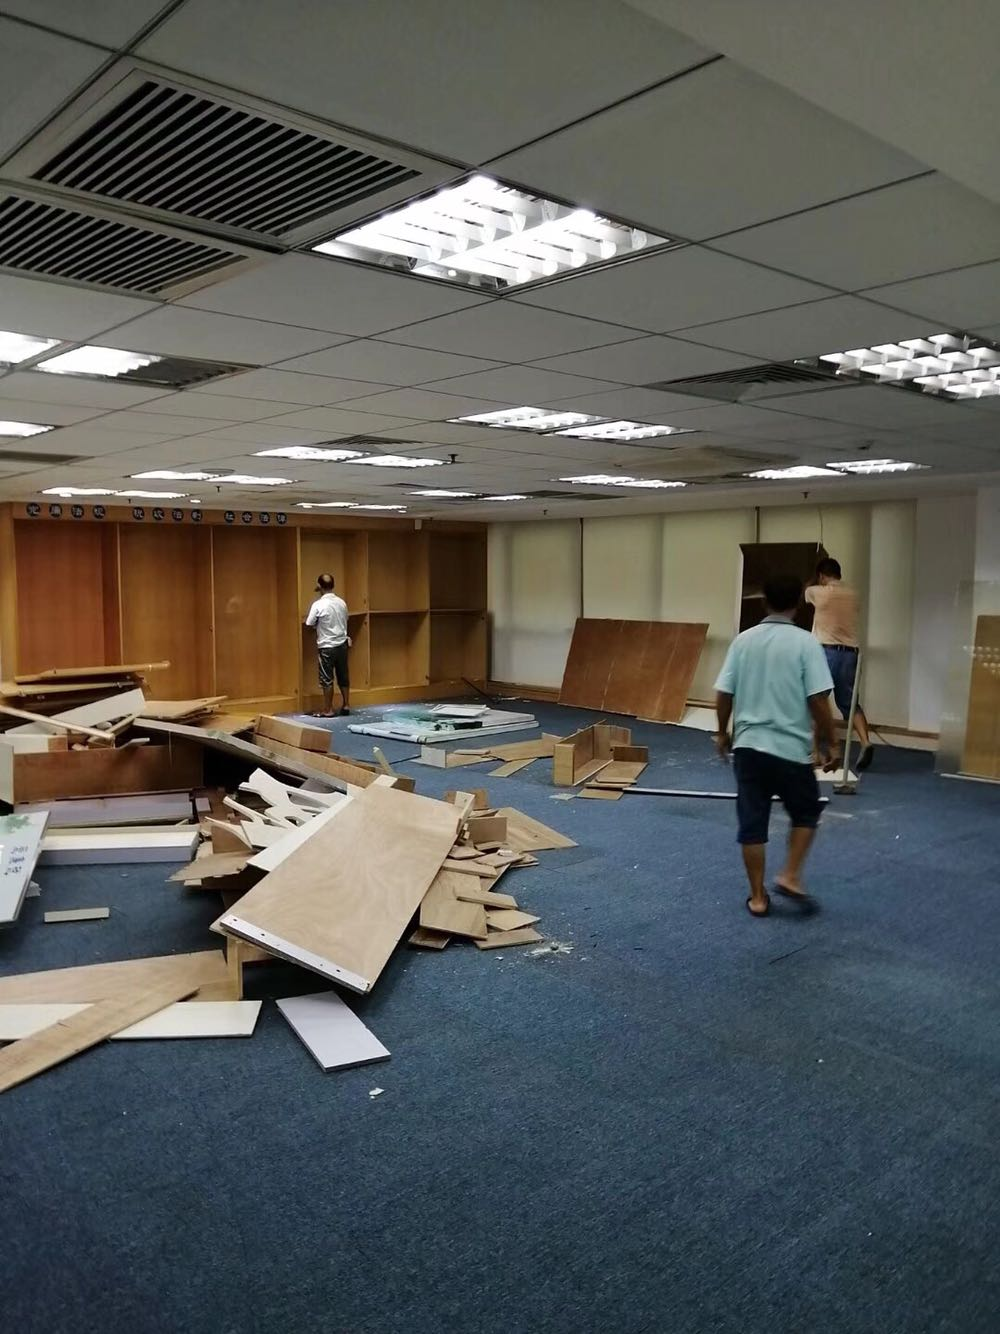 広州の内装会社の中古の部屋をリニューアルして、別荘事務室の店舗の建物を改造しました。